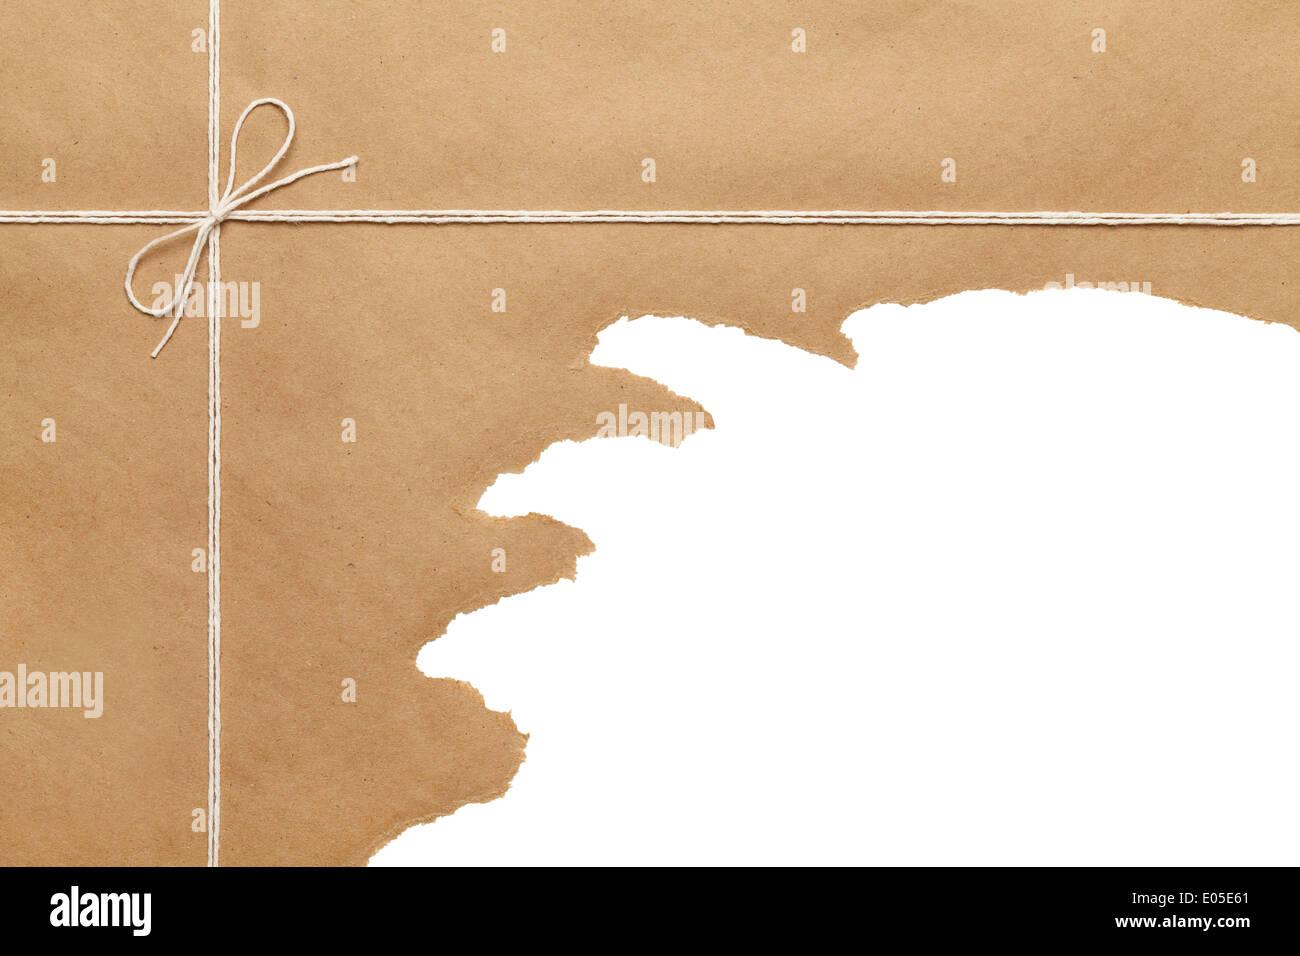 Paquete de papel marrón atado con cuerda fina cadena bow roto sobre fondo blanco copia el espacio. Imagen De Stock